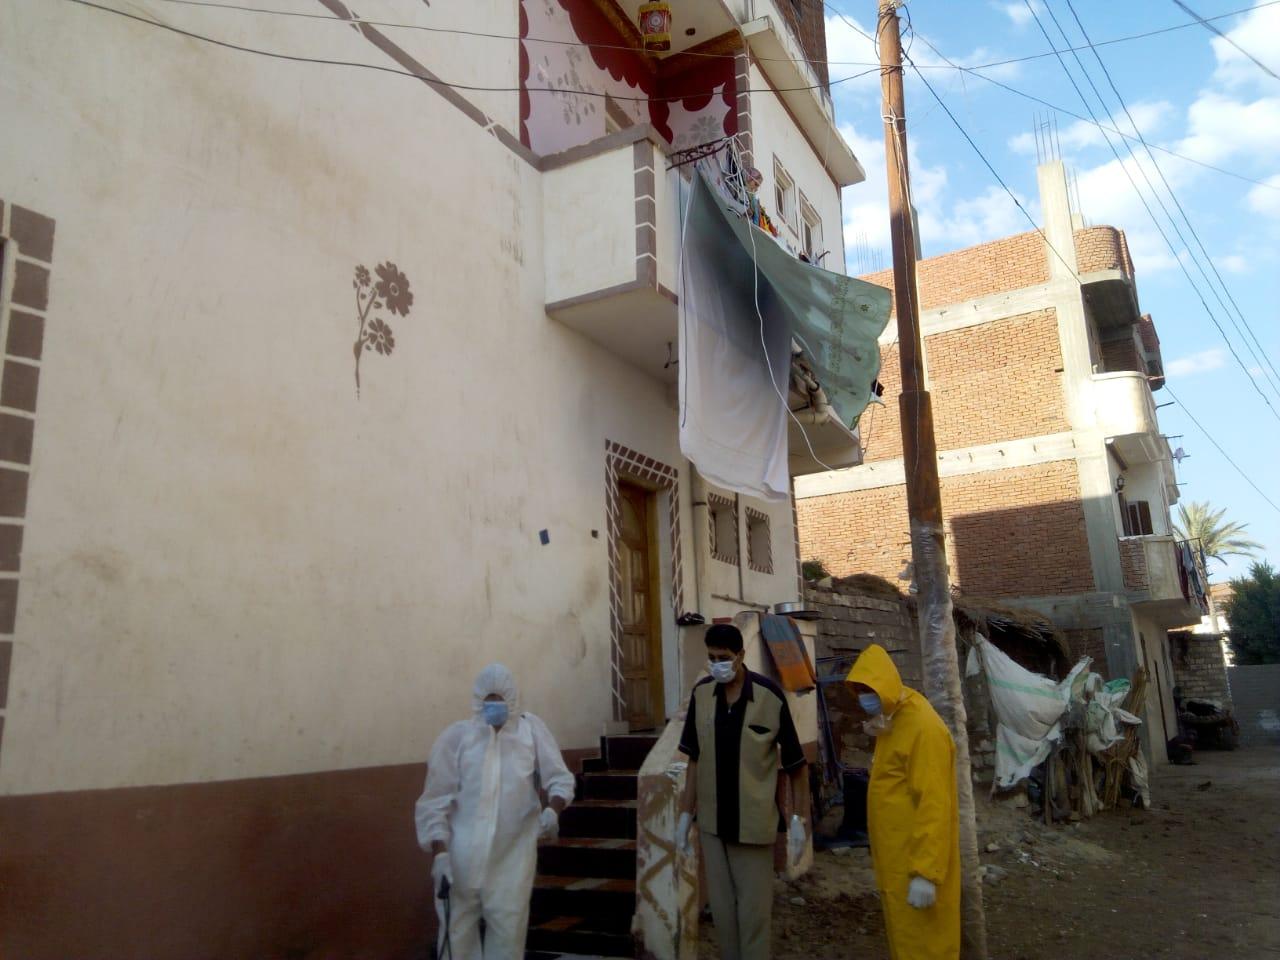 رش وتطهير المنشأت والمنازل والشوارع بالبحيرة (2)